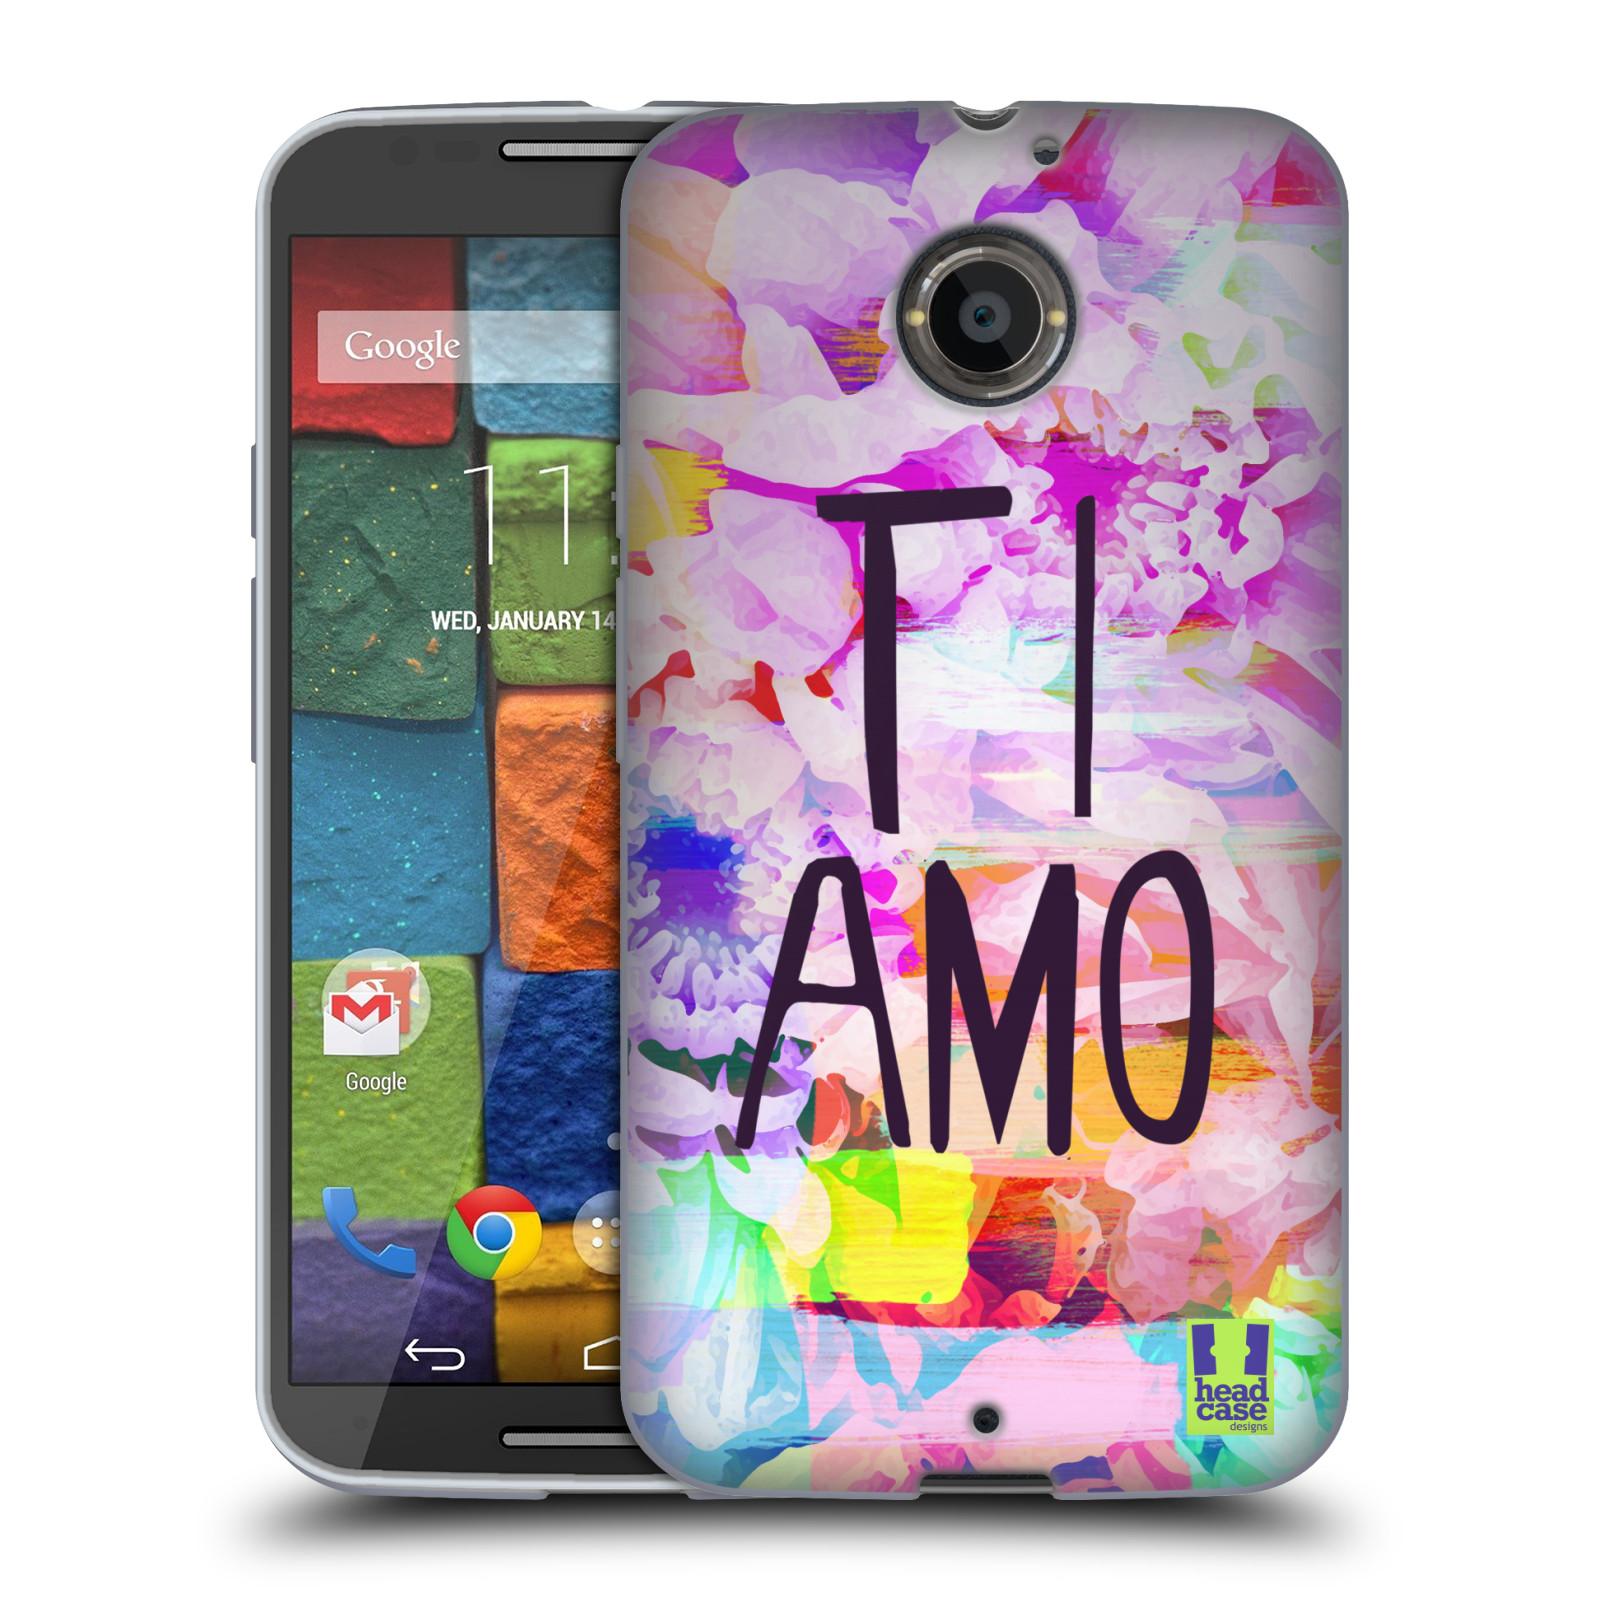 HEAD CASE silikonový obal na mobil Motorola MOTO X (2nd Generation) Láska a květy Ti Amo